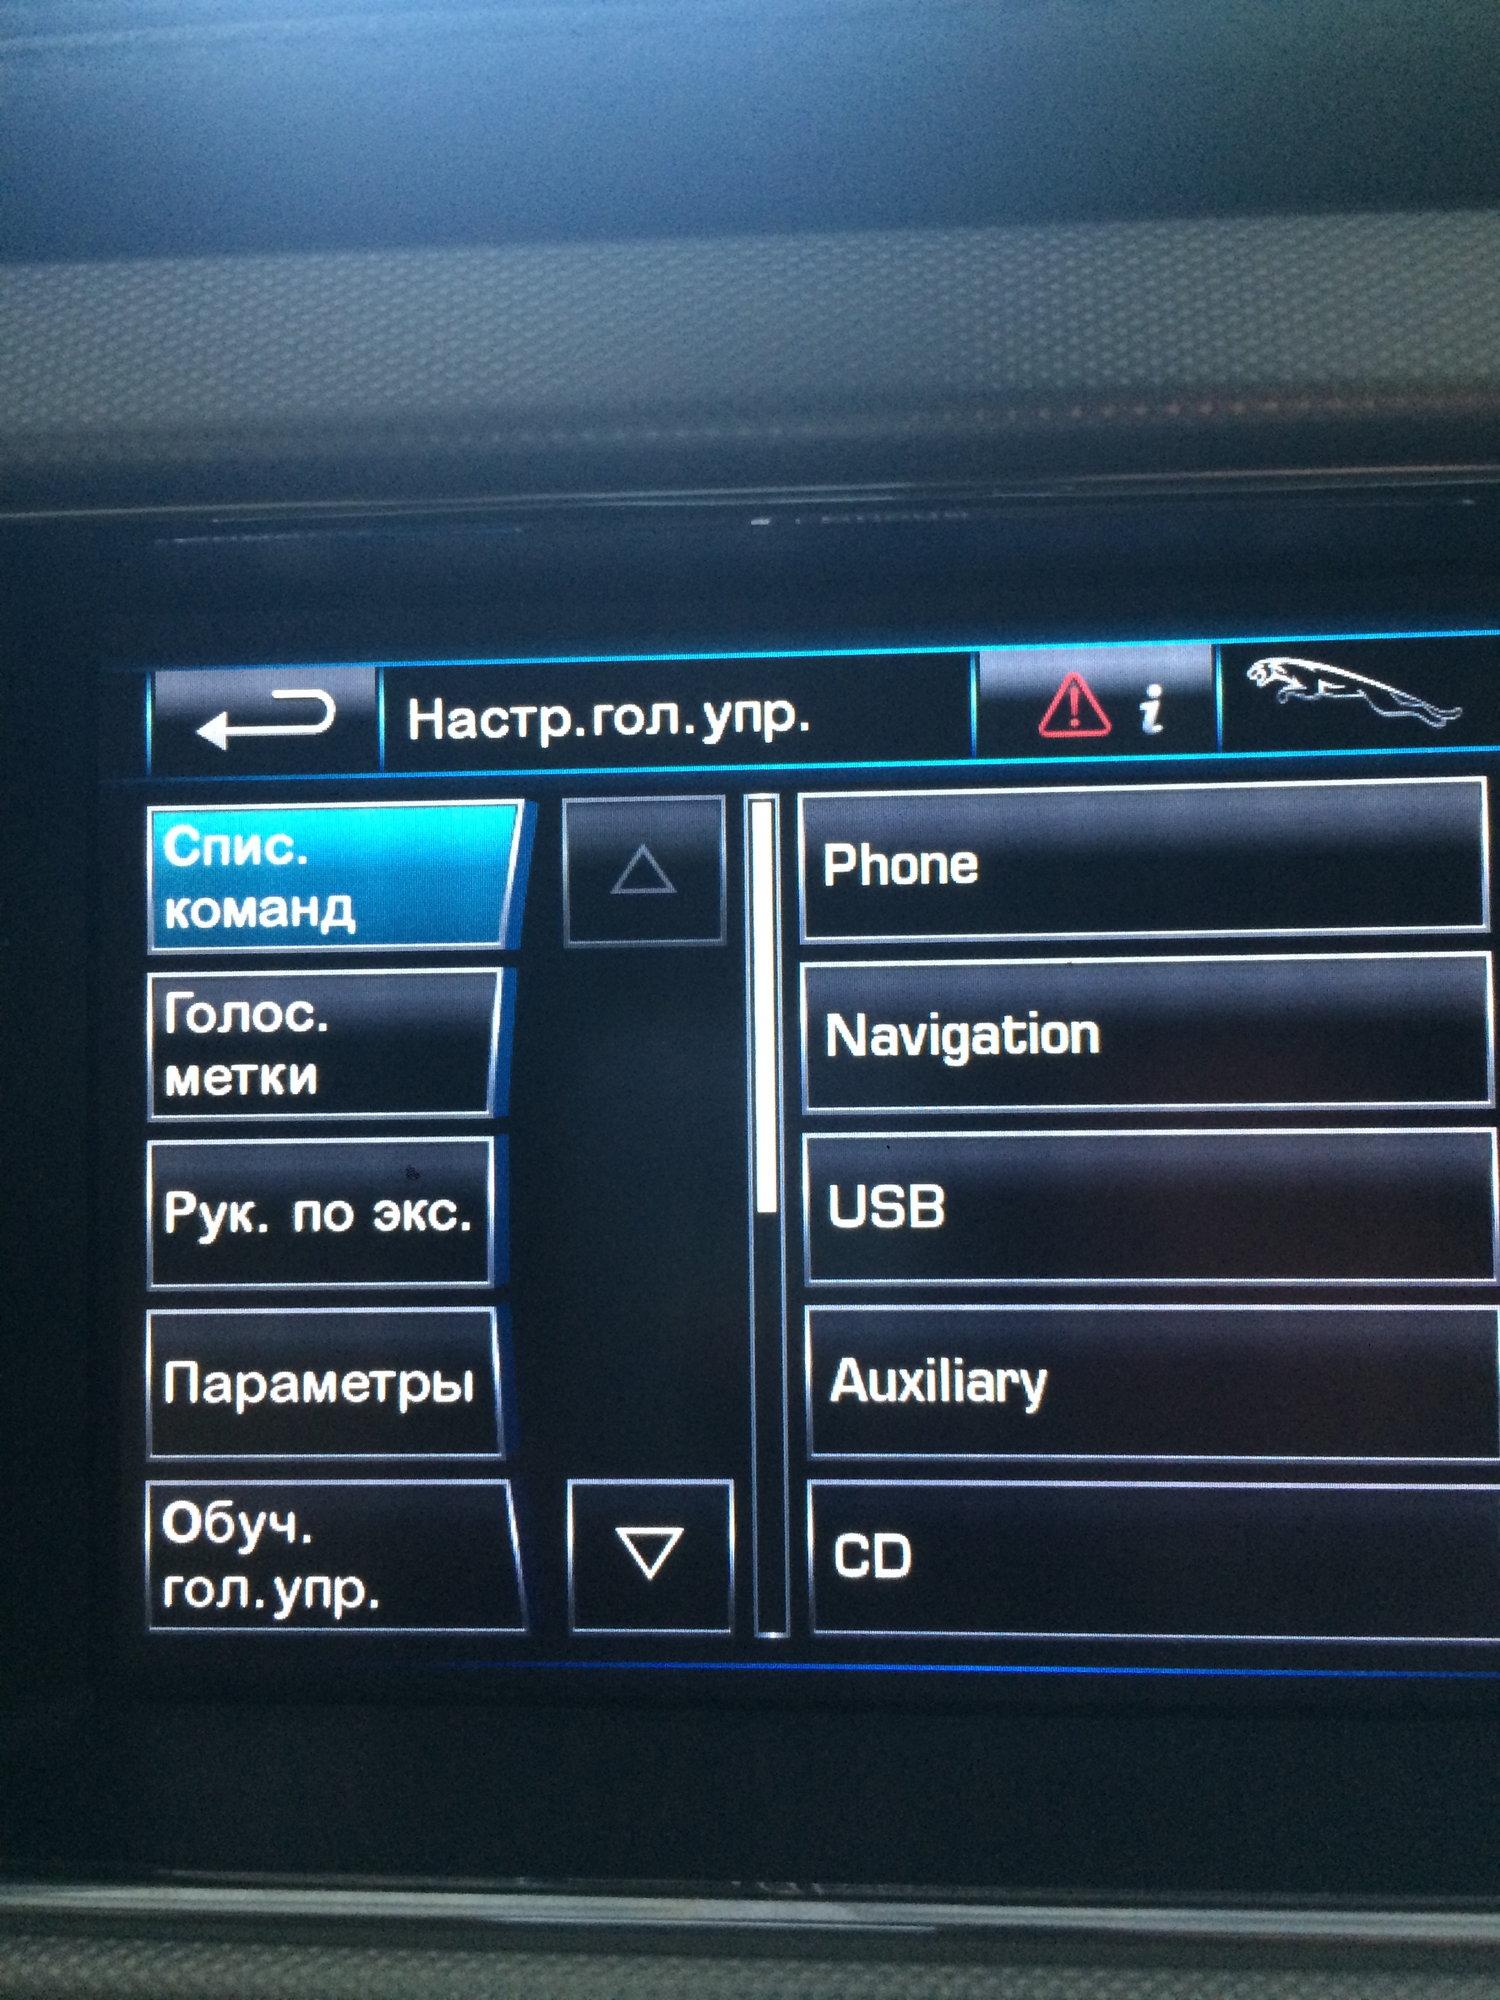 XK Navigation Backlight off - Jaguar Forums - Jaguar